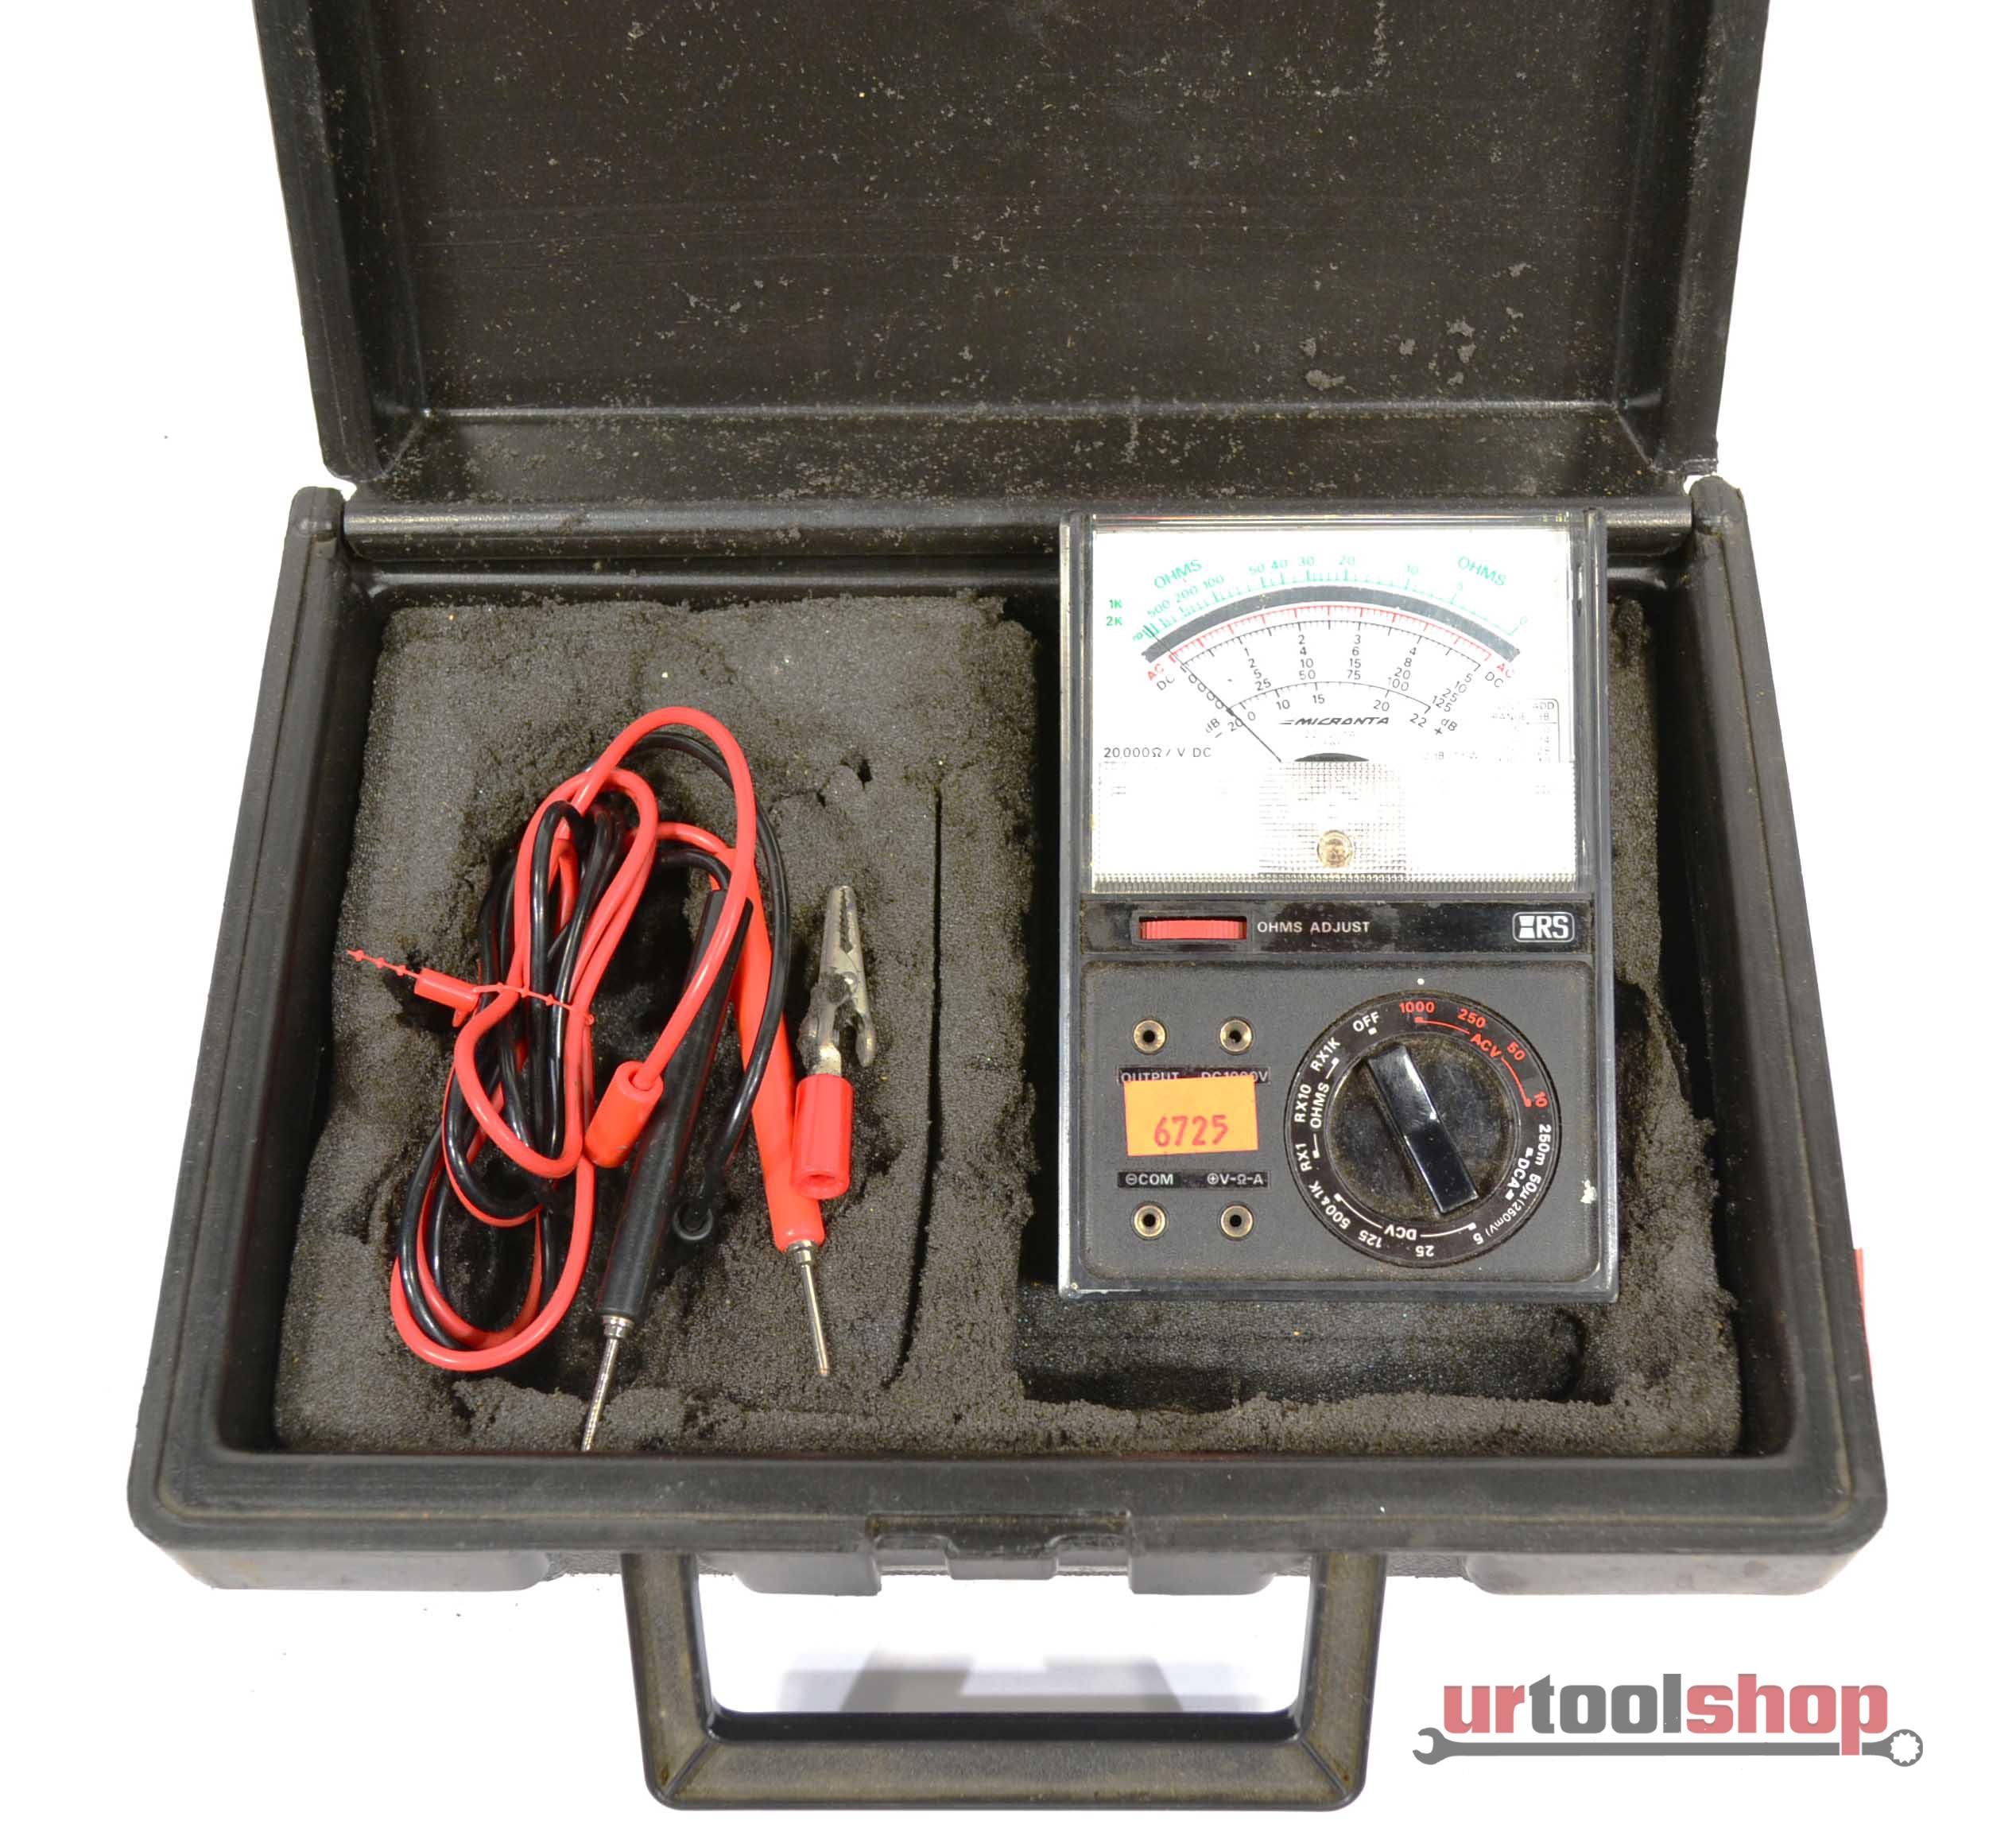 12447B micronta 22 204u wiring schematic,u \u2022 indy500 co  at bakdesigns.co